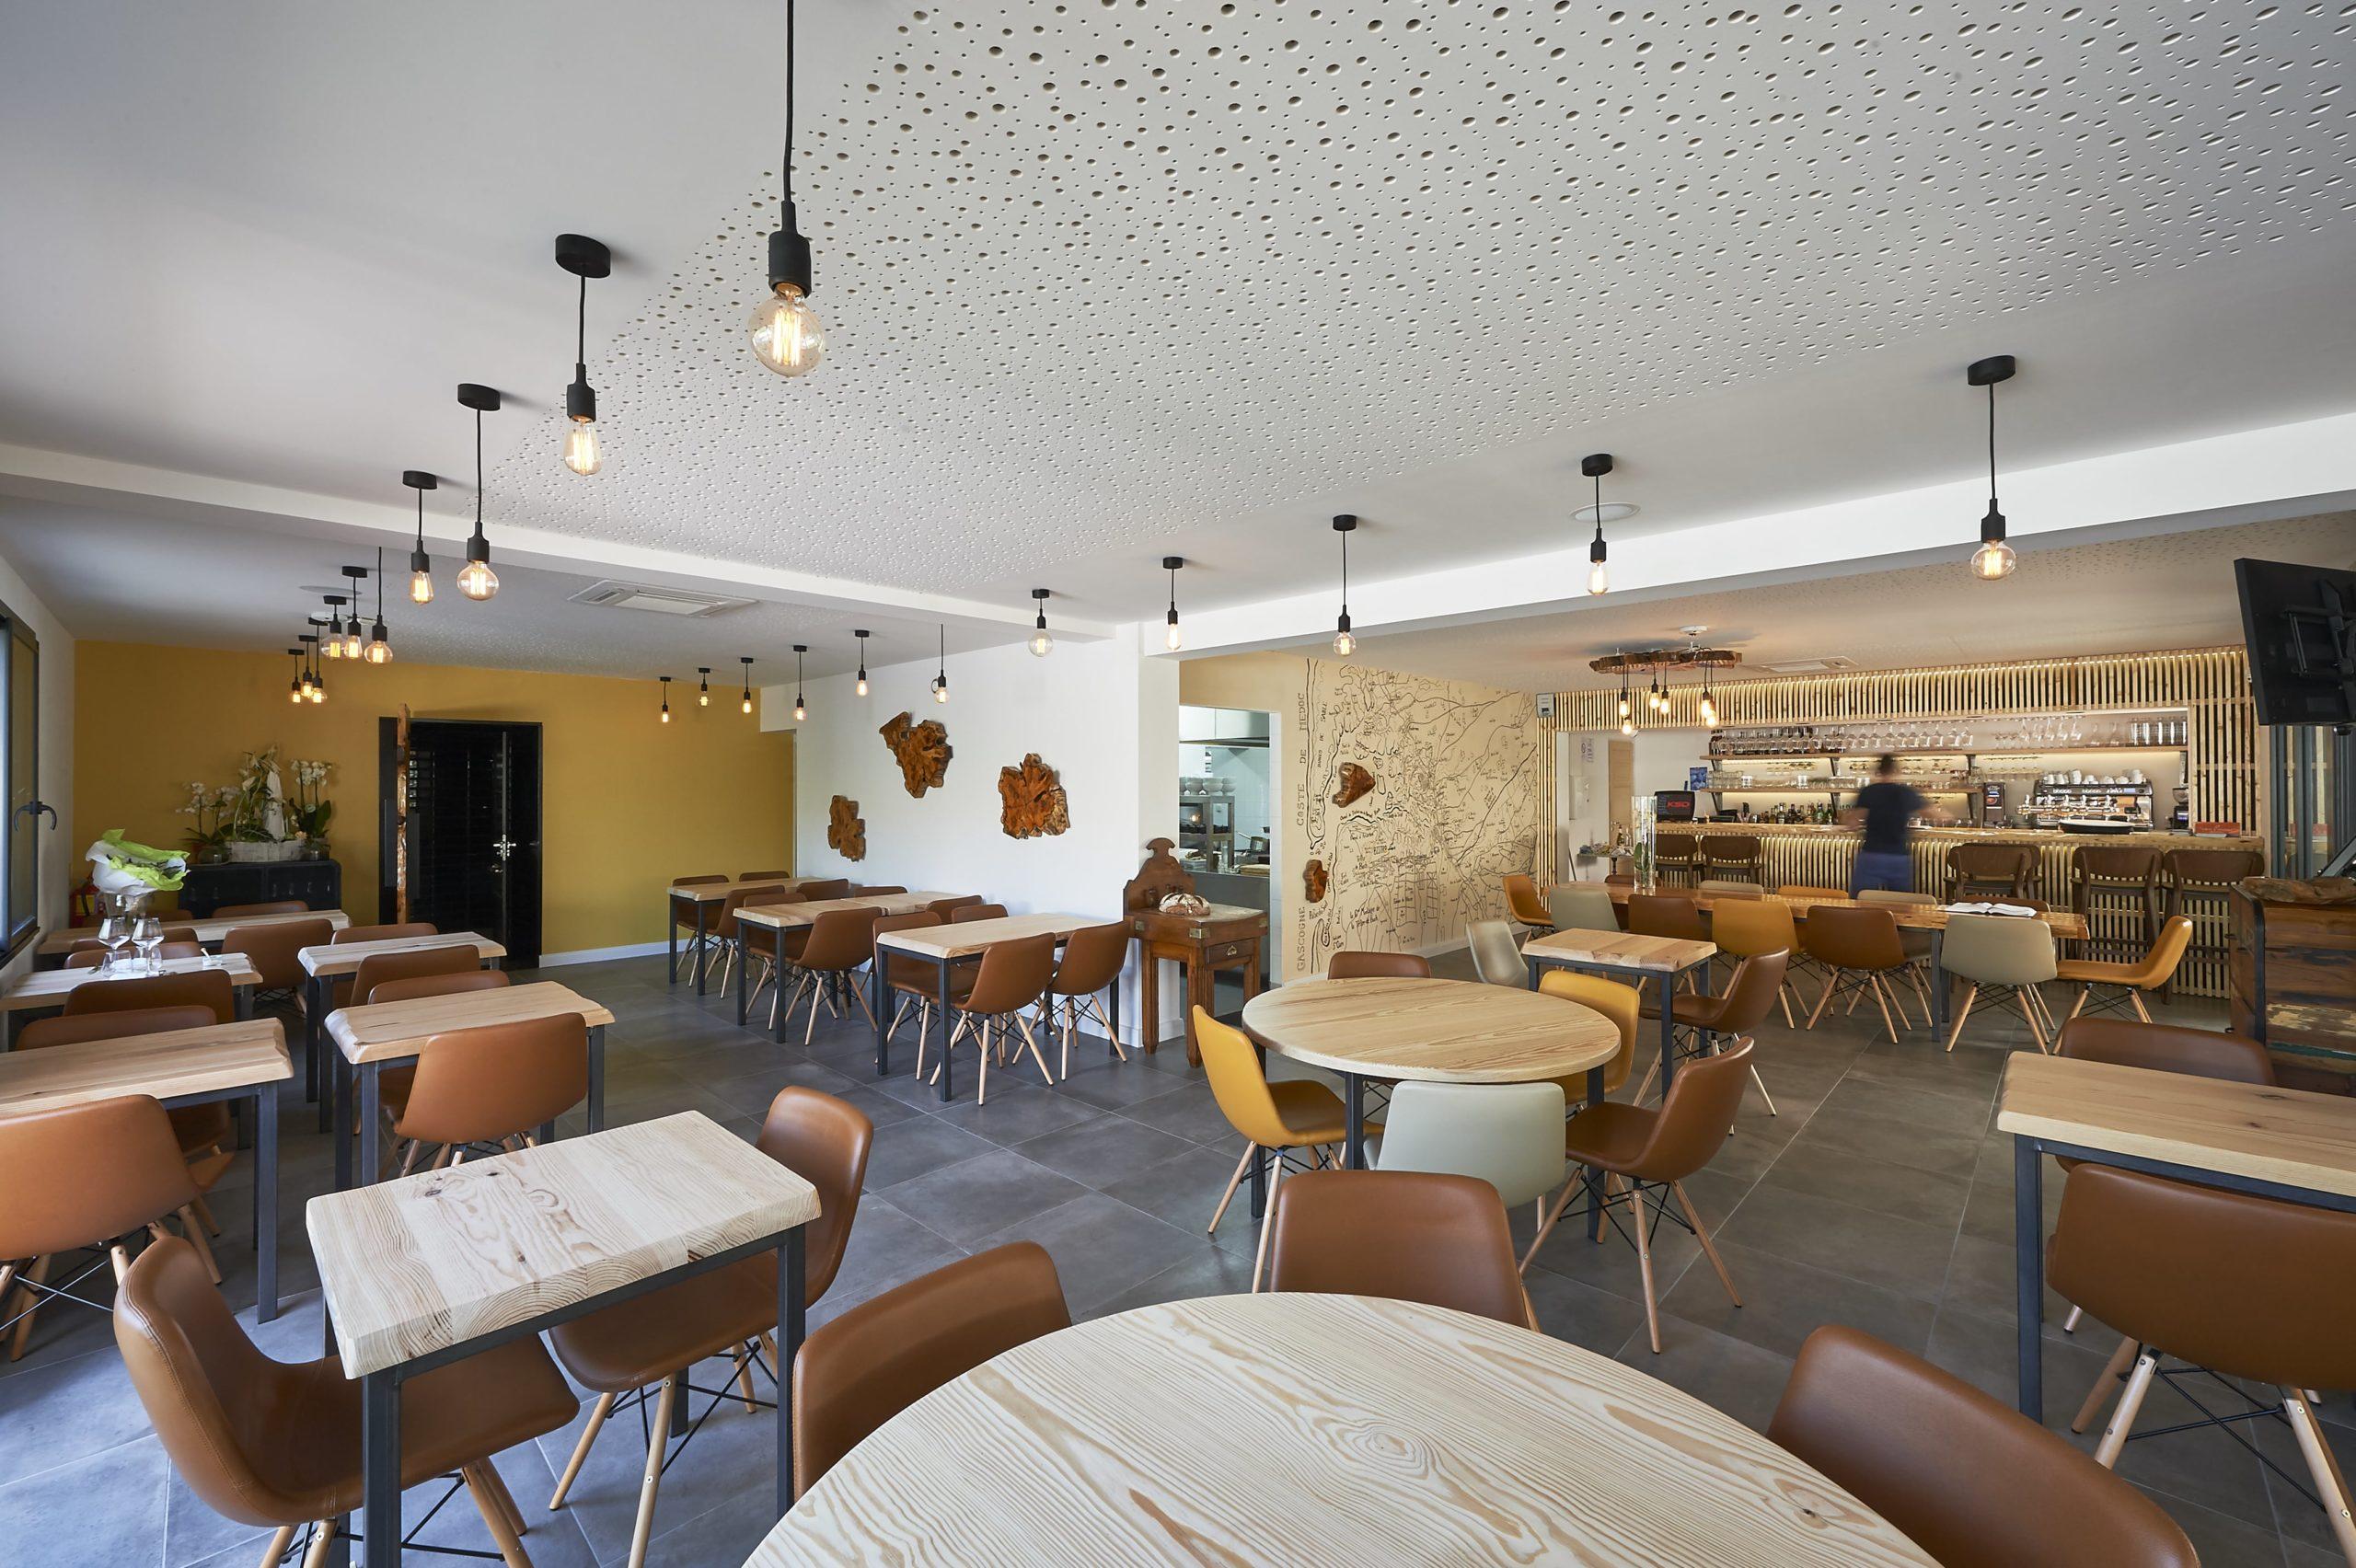 Atelier Plurielles Architectures Rénovation restaurant Gujan Mestras - intérieur